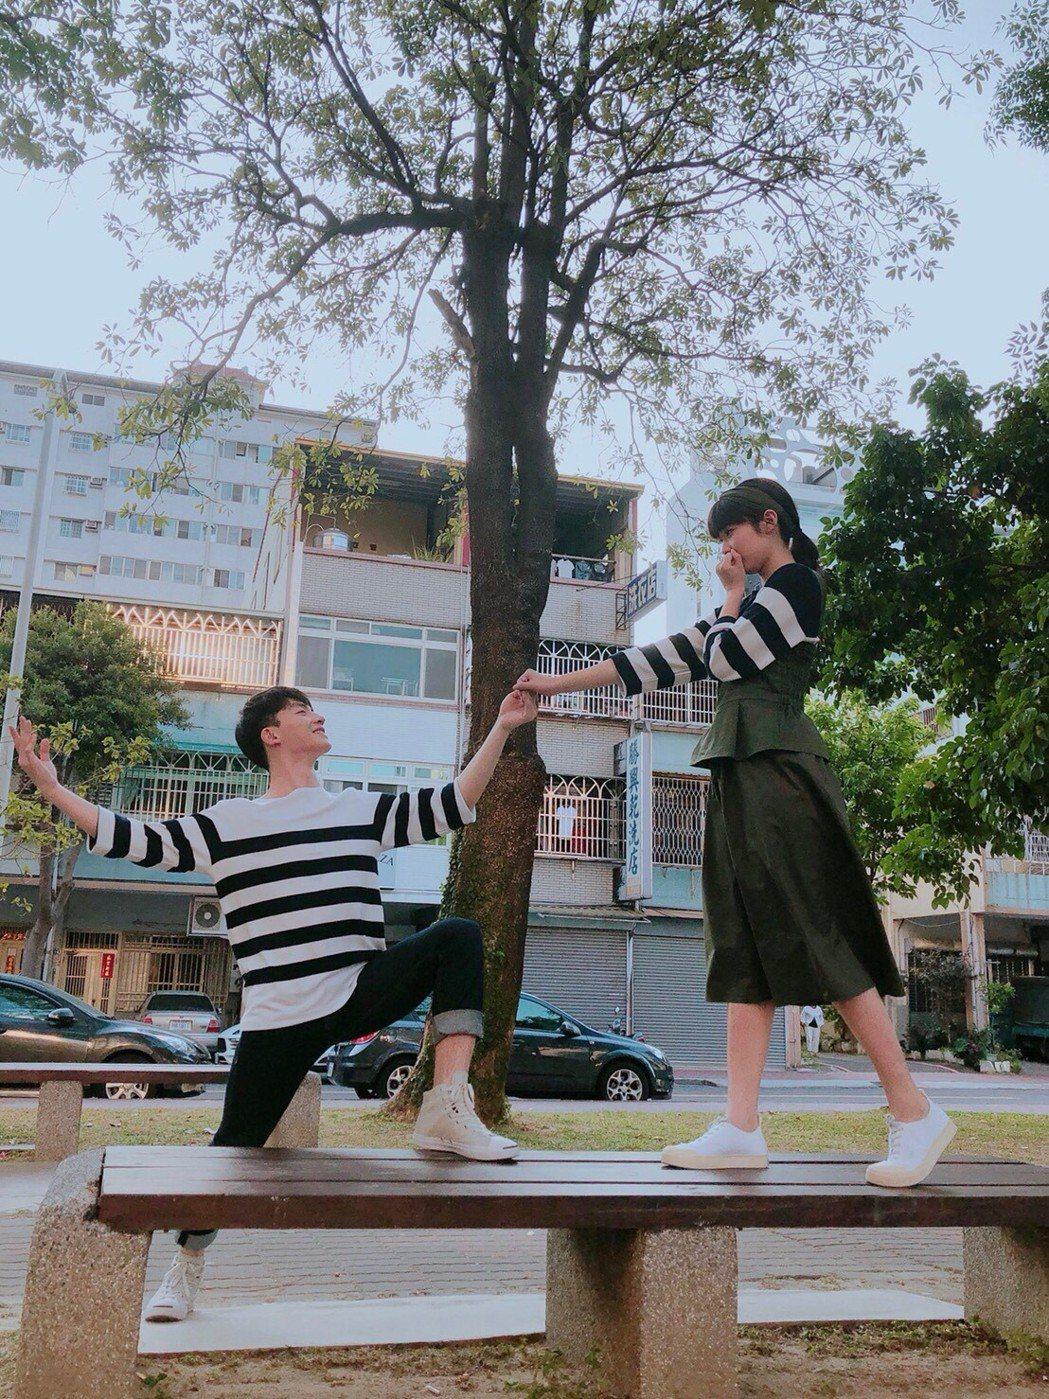 張洛偍(左)與宇宙的搭檔受到觀眾喜愛。圖/周子娛樂提供